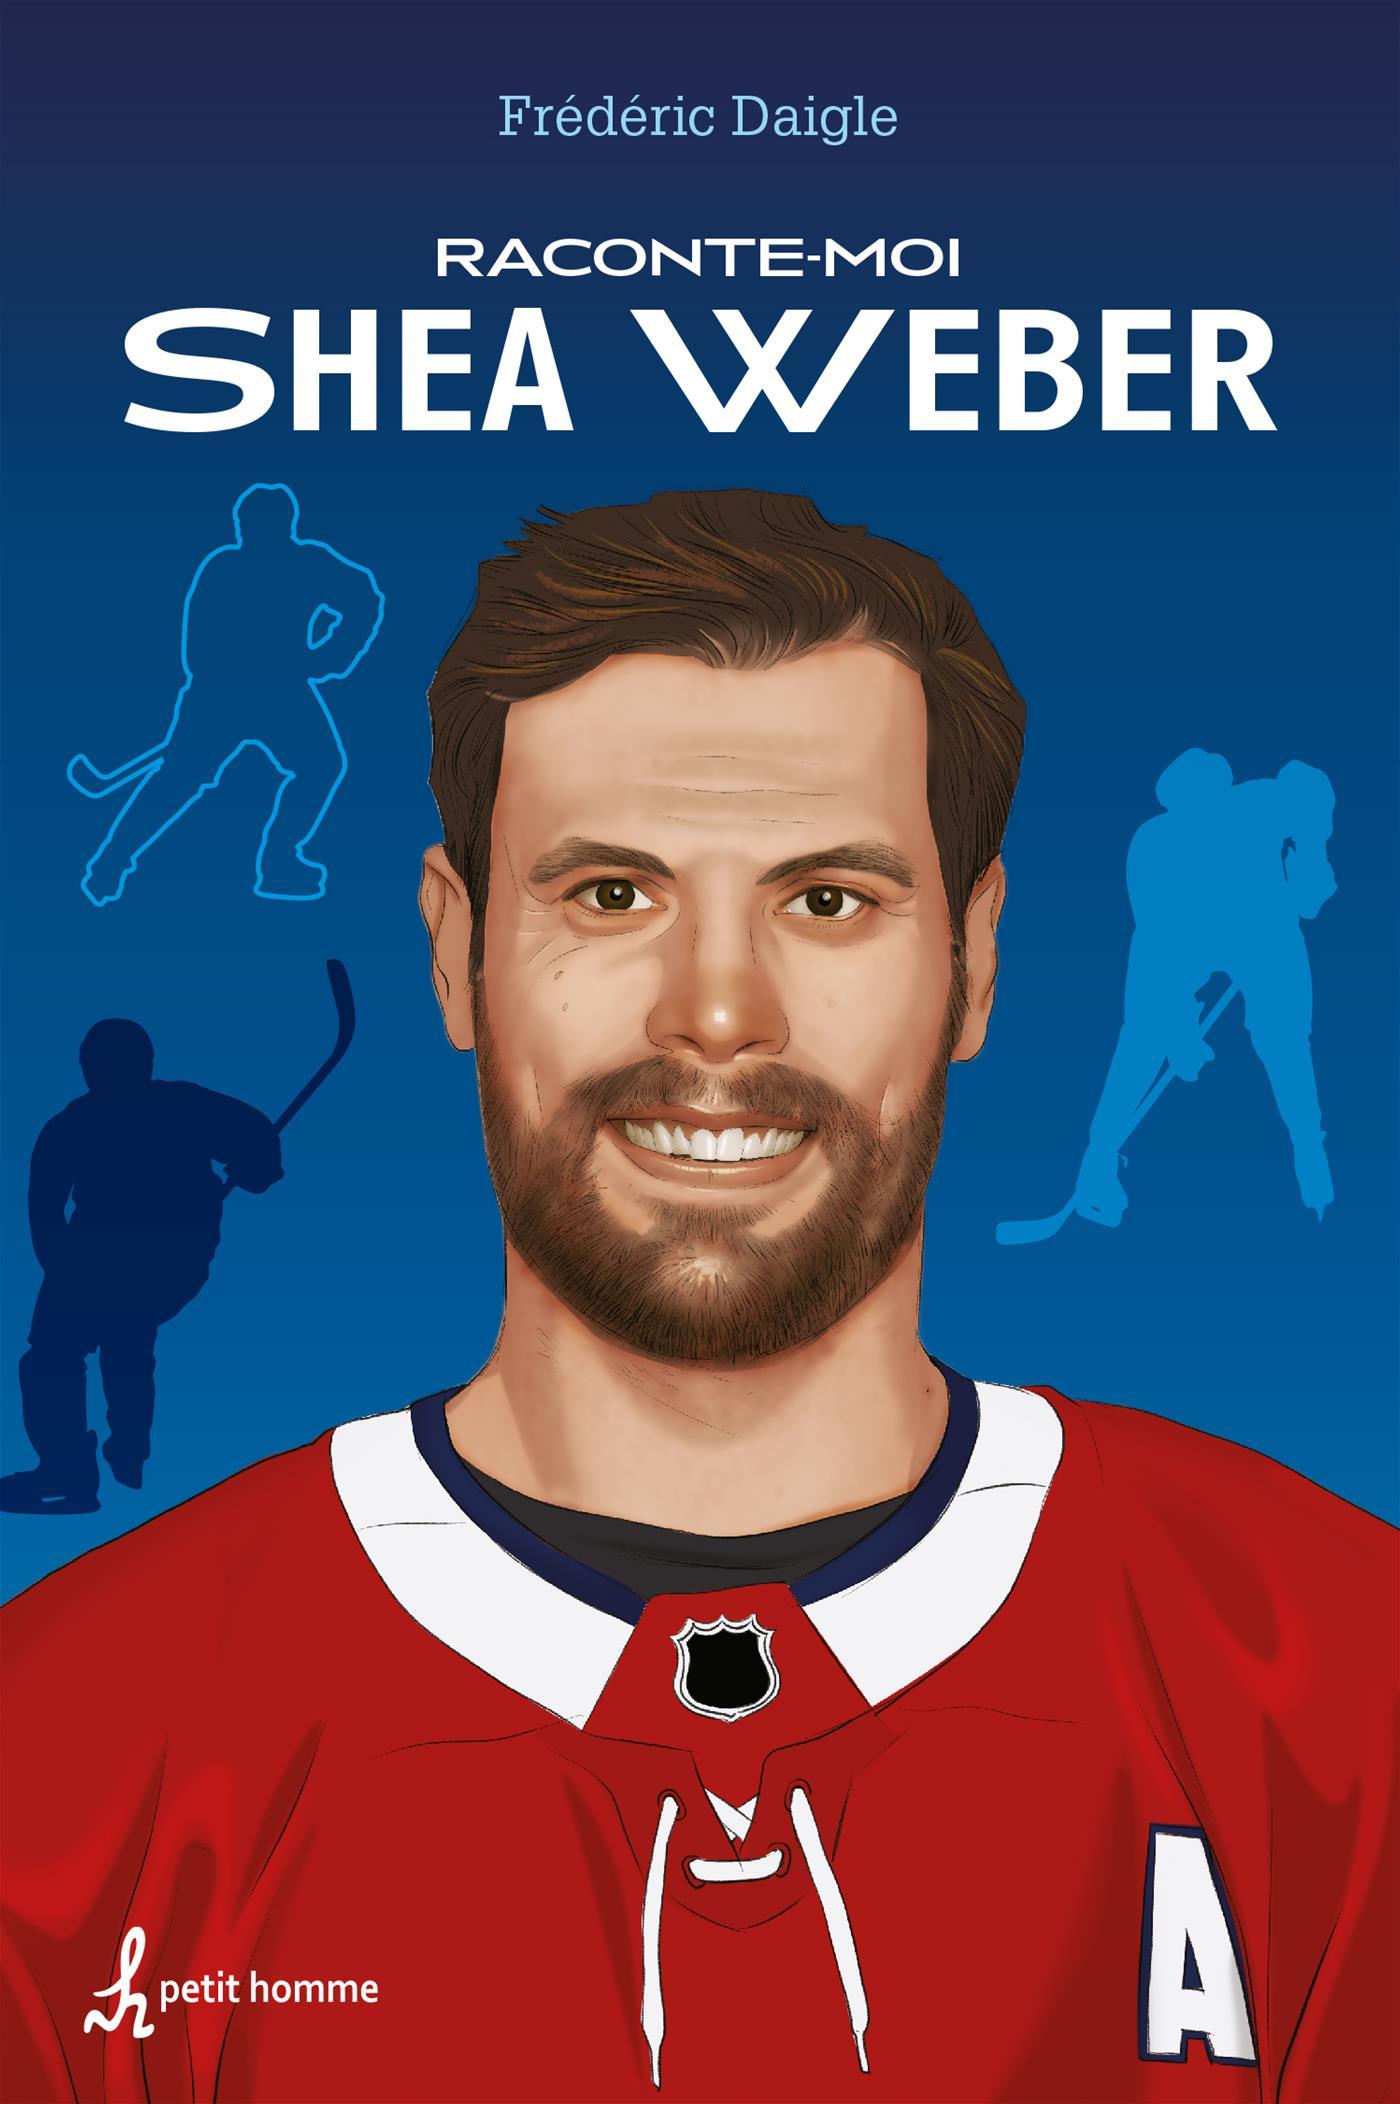 Raconte-moi Shea Weber